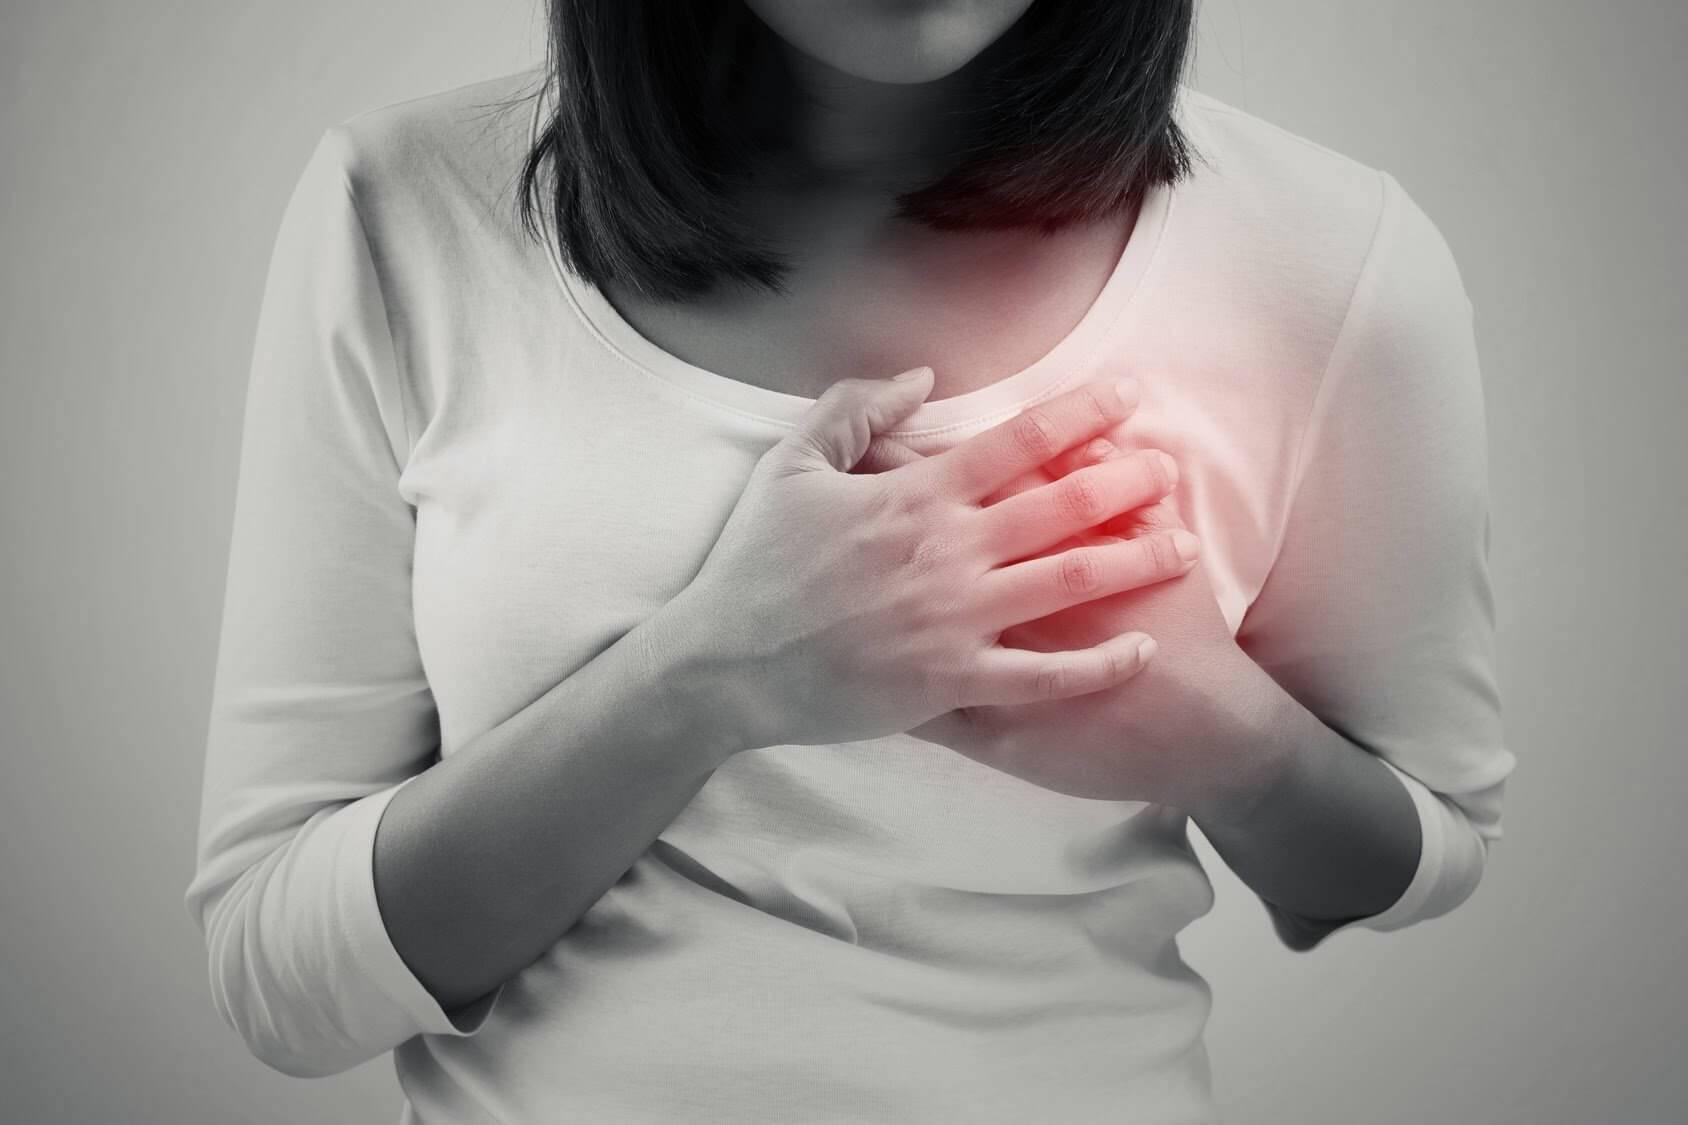 Почему болит грудь в середине цикла и сильно набухает - причины